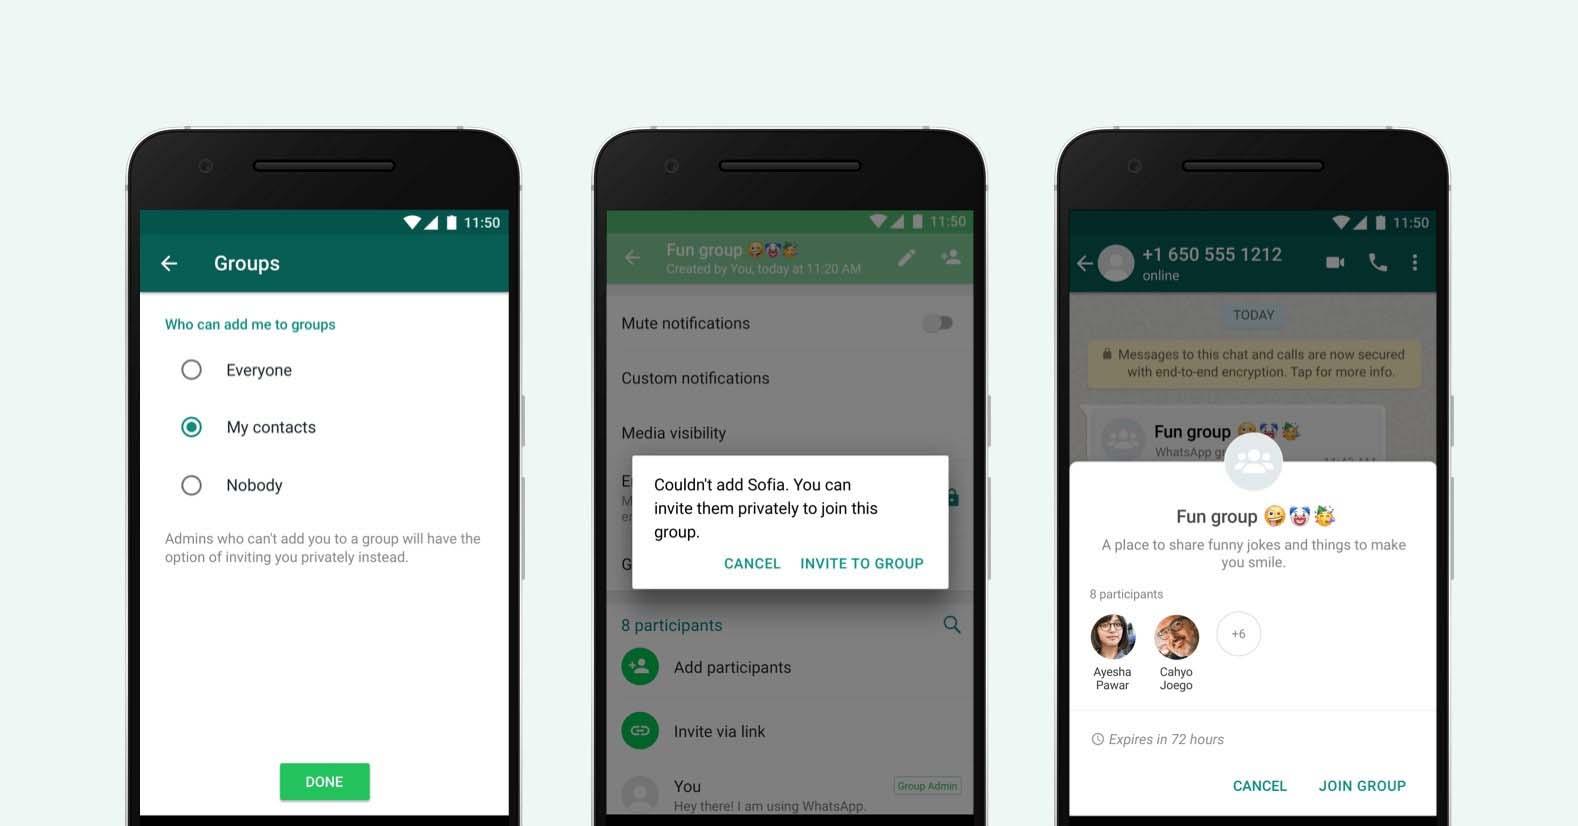 Telas do WhatsApp mostram função de convite para entrar em grupos